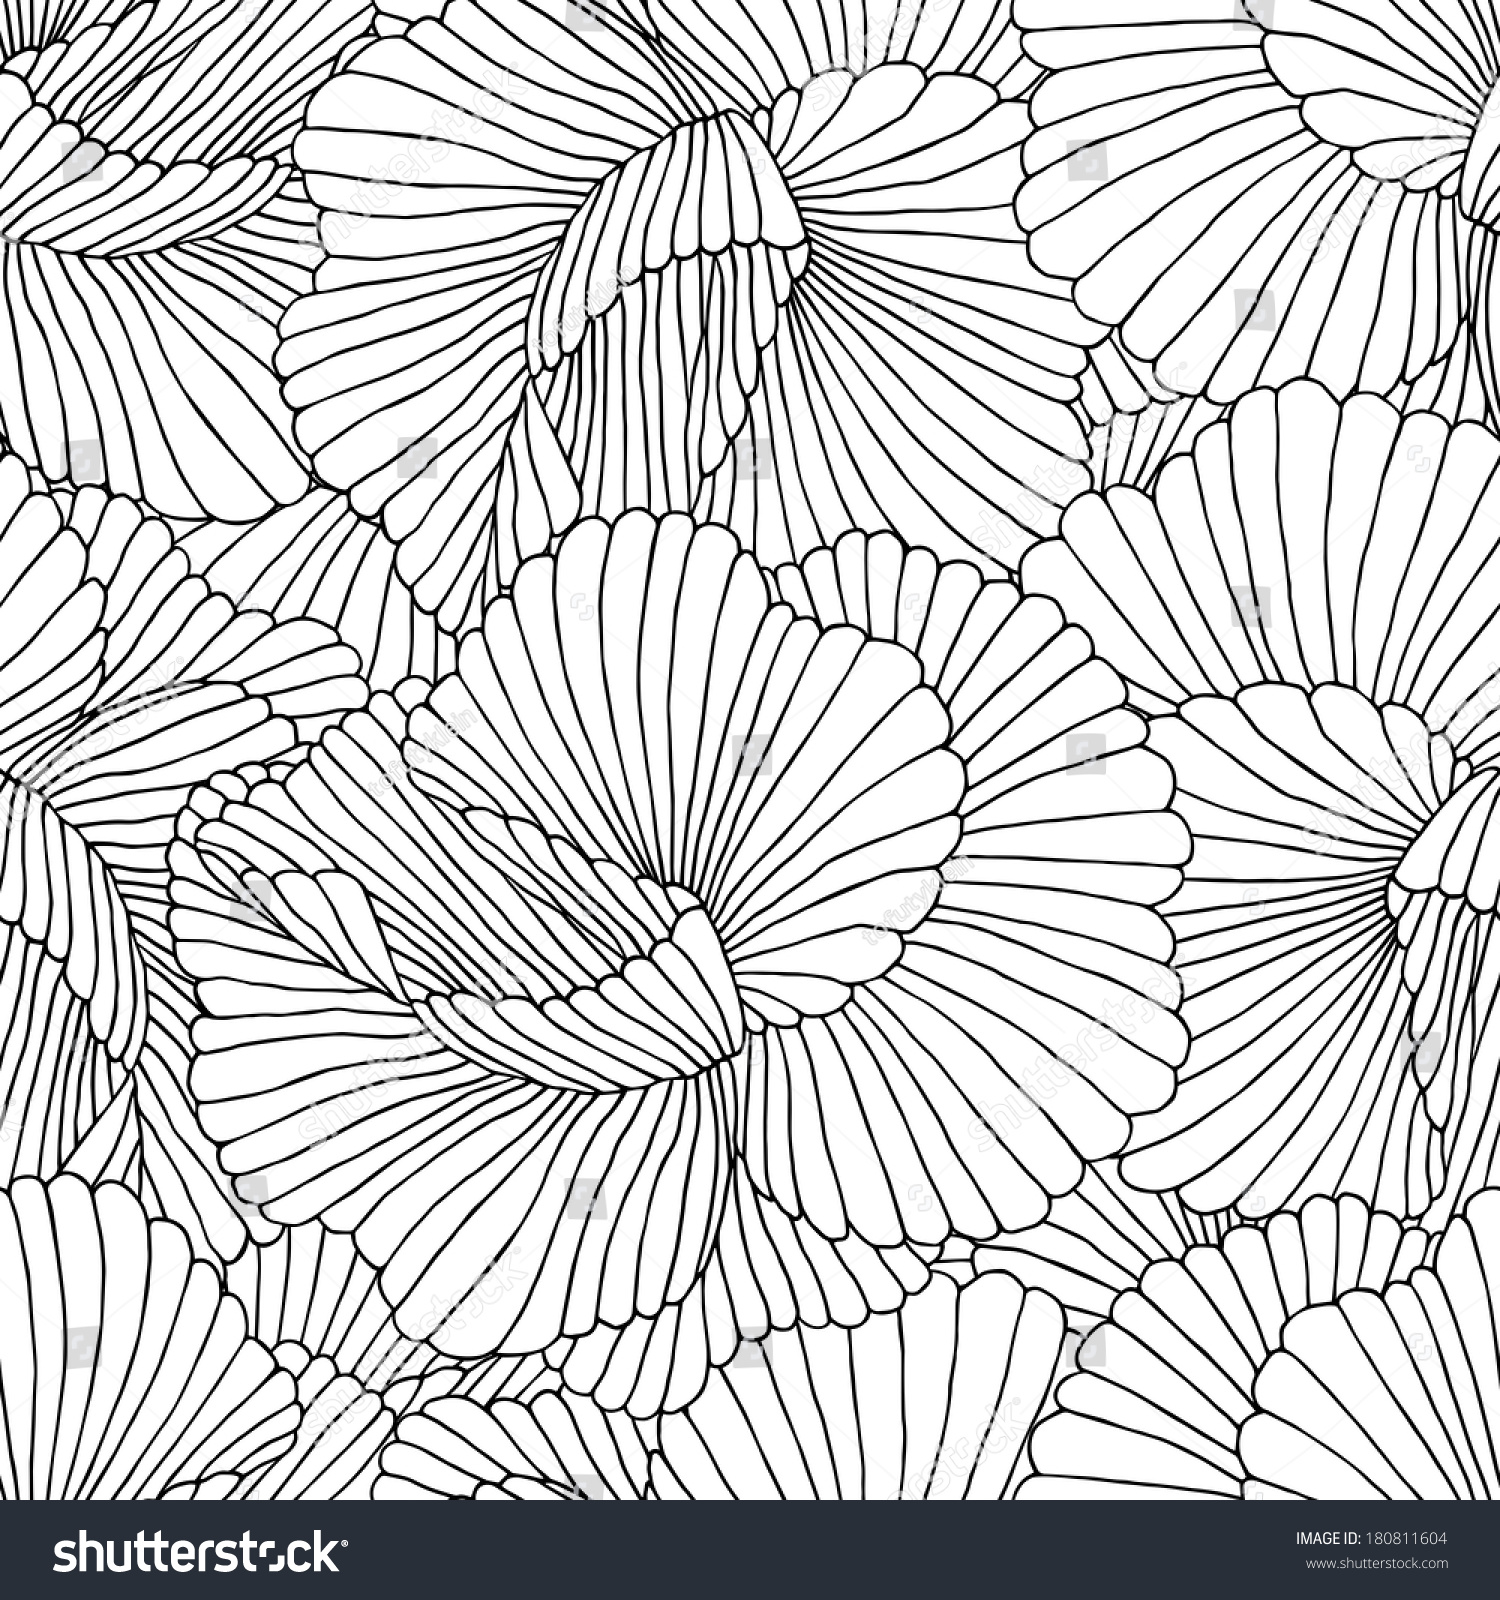 抽象的无缝的手绘图案.向量的背景.